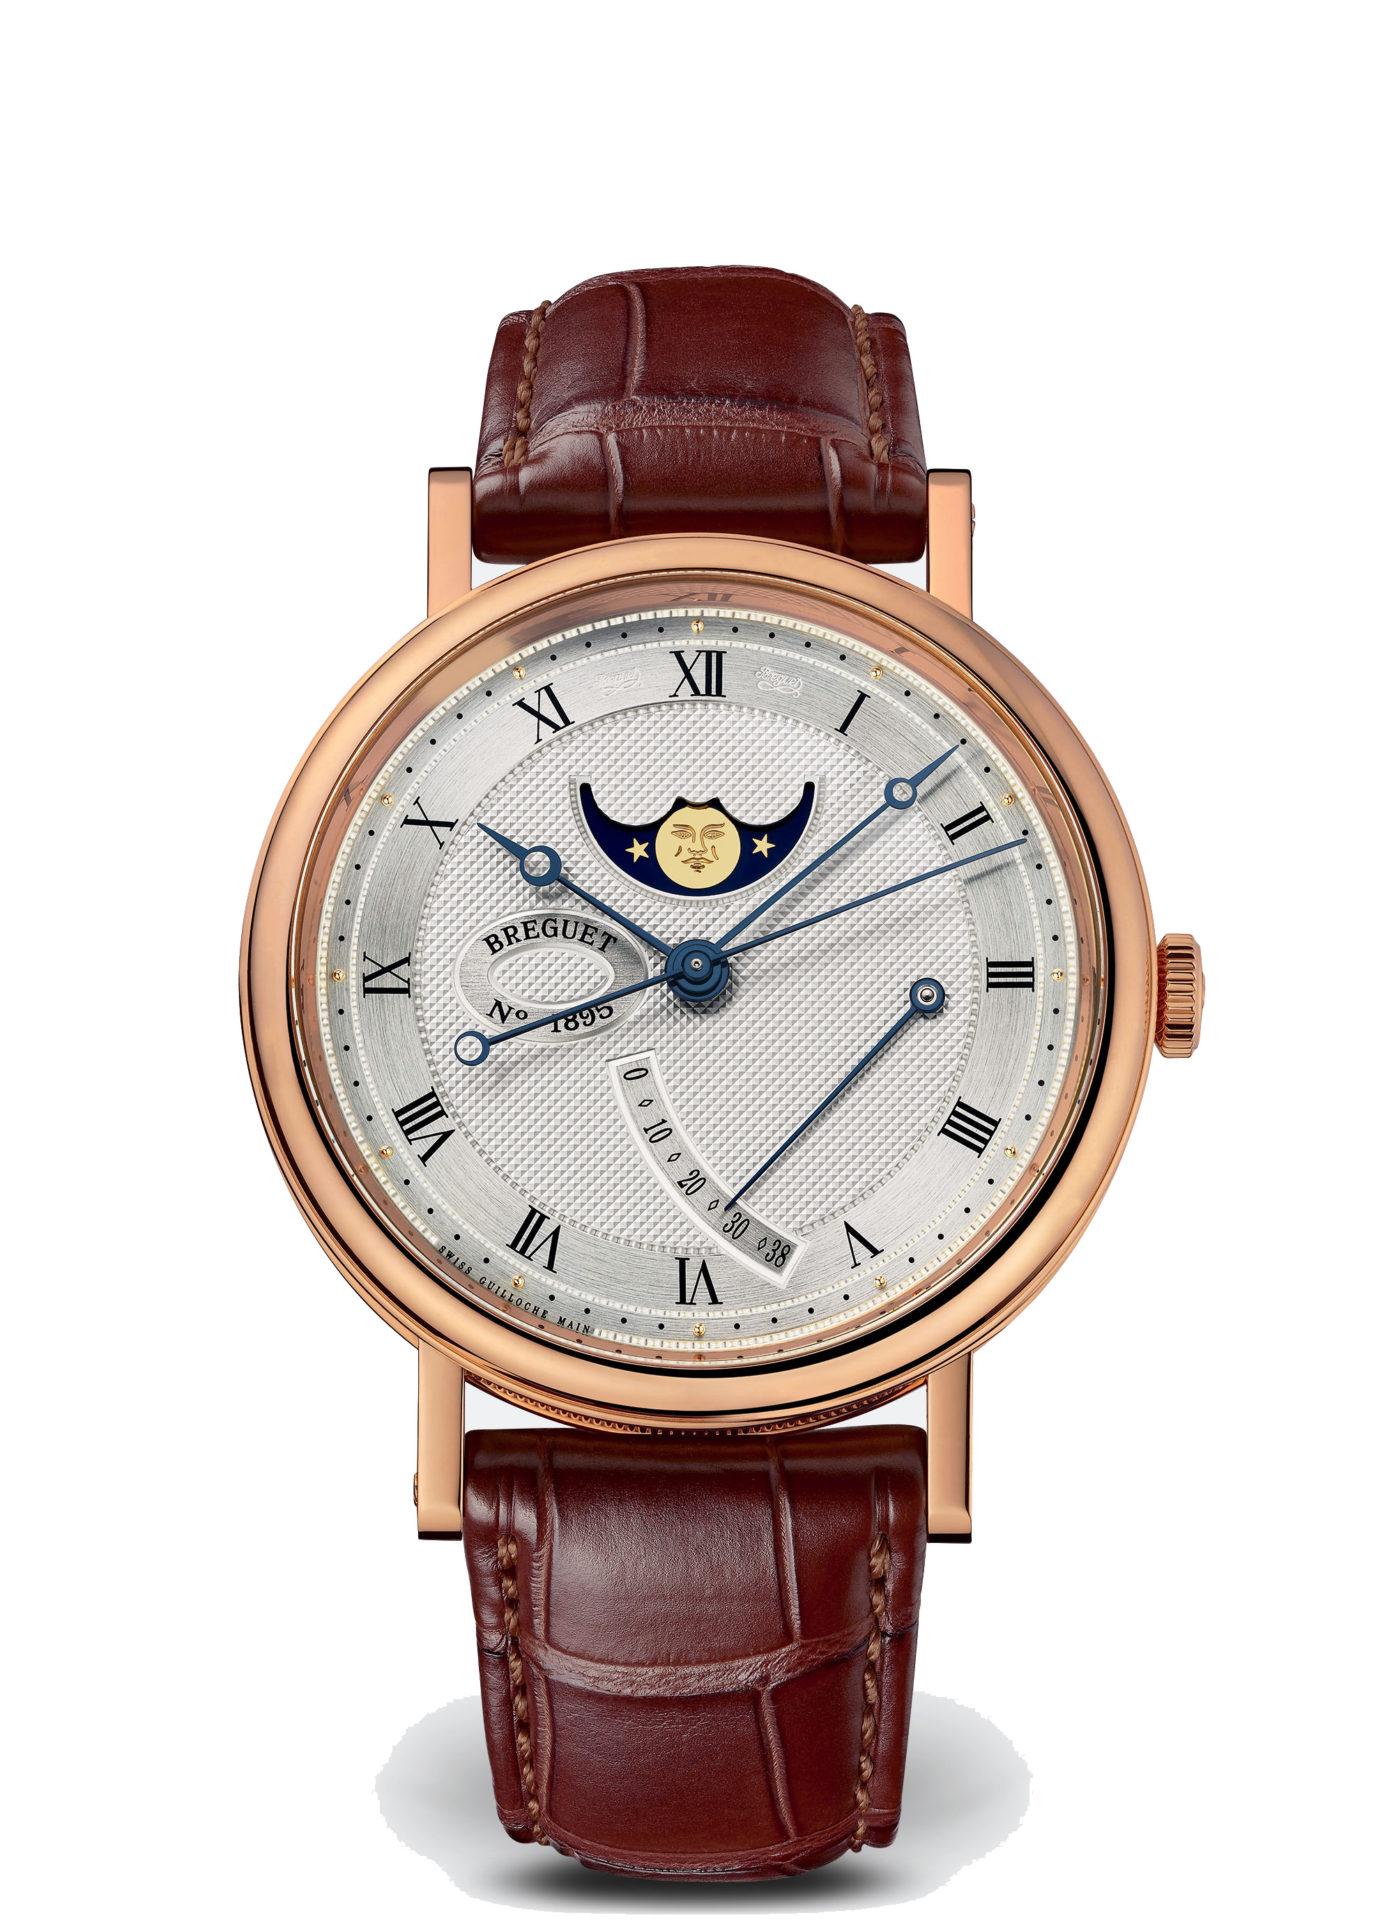 Breguet-Classique-7787-Hall-of-Time-7787br-12-9v6